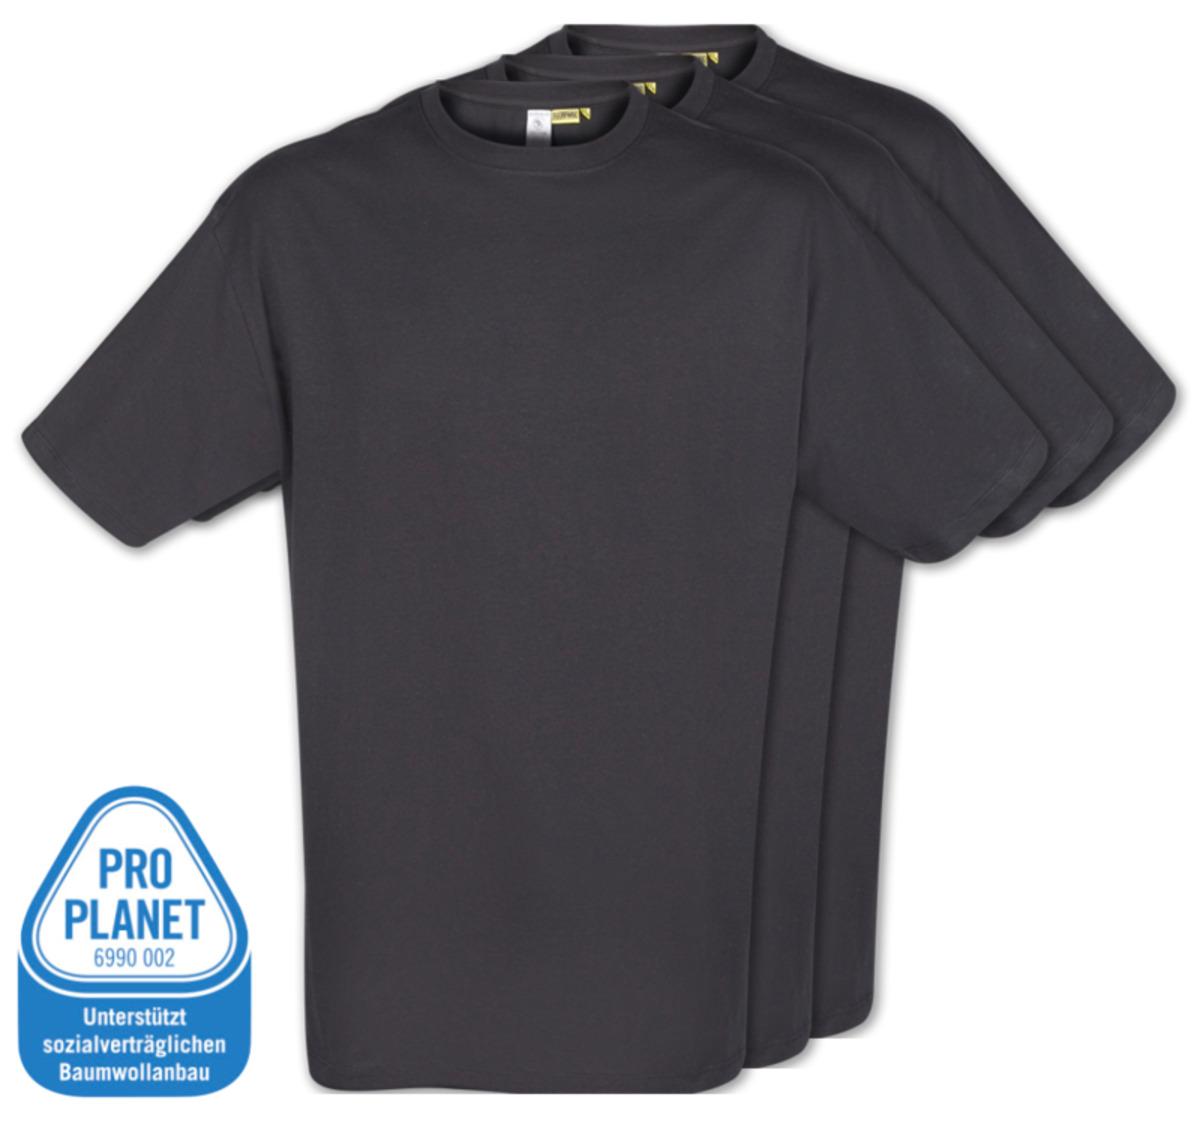 Bild 2 von PUREWORK Herren-T-Shirts